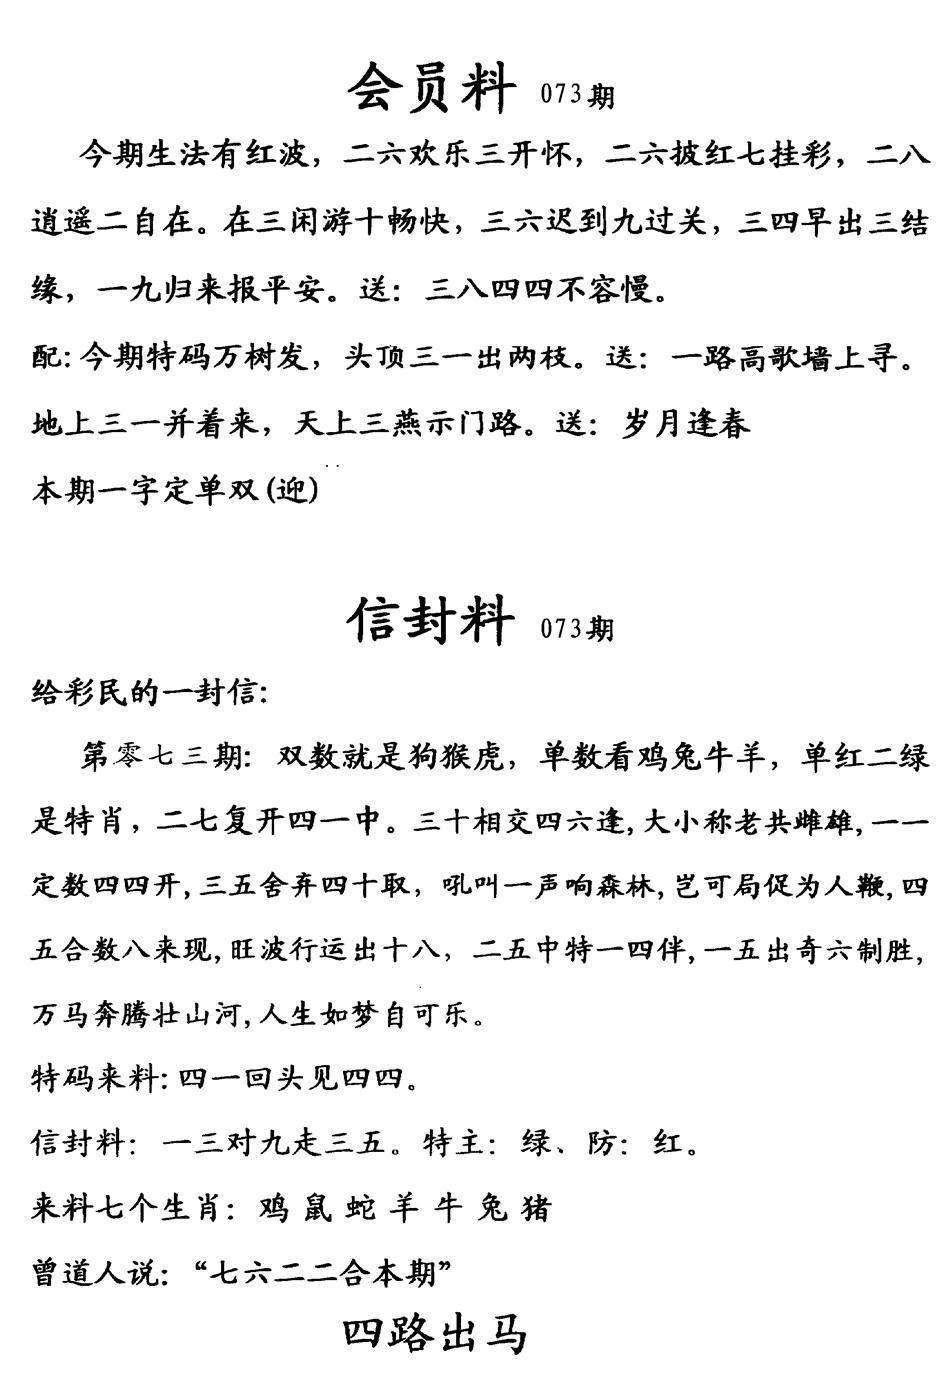 073期彩民信封料(早图)(黑白)